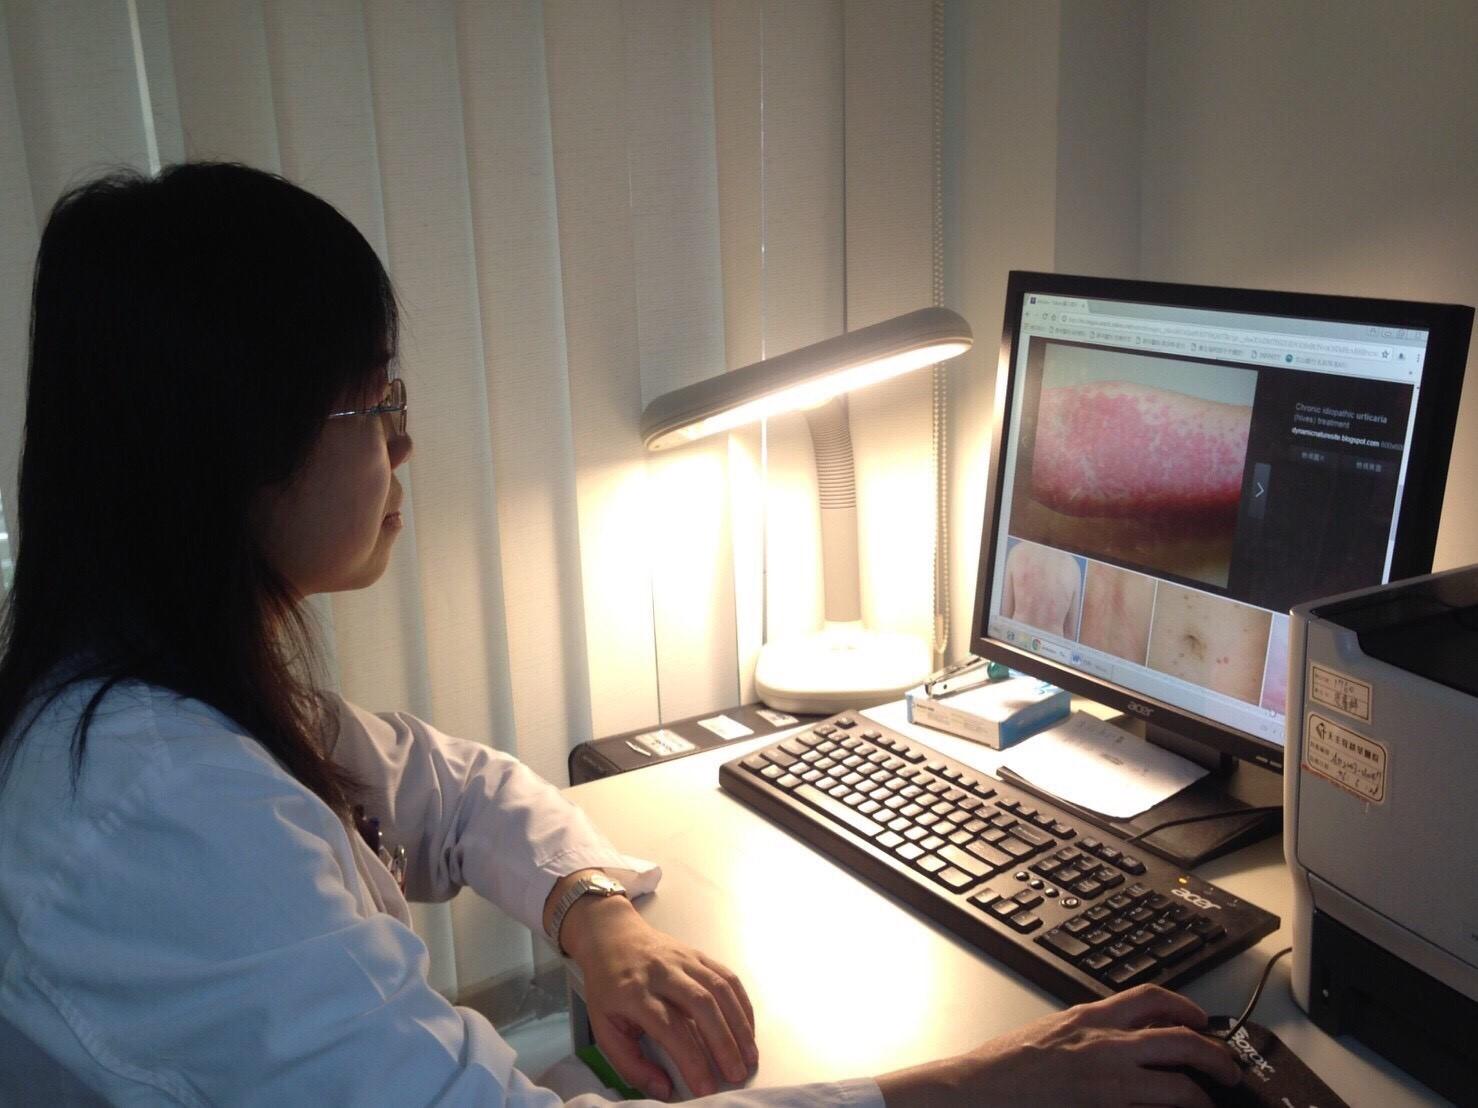 蕁麻疹的特殊表現症狀為膨疹,是因為某部位細胞腫起來所產生的現象。攝影/高凡淳